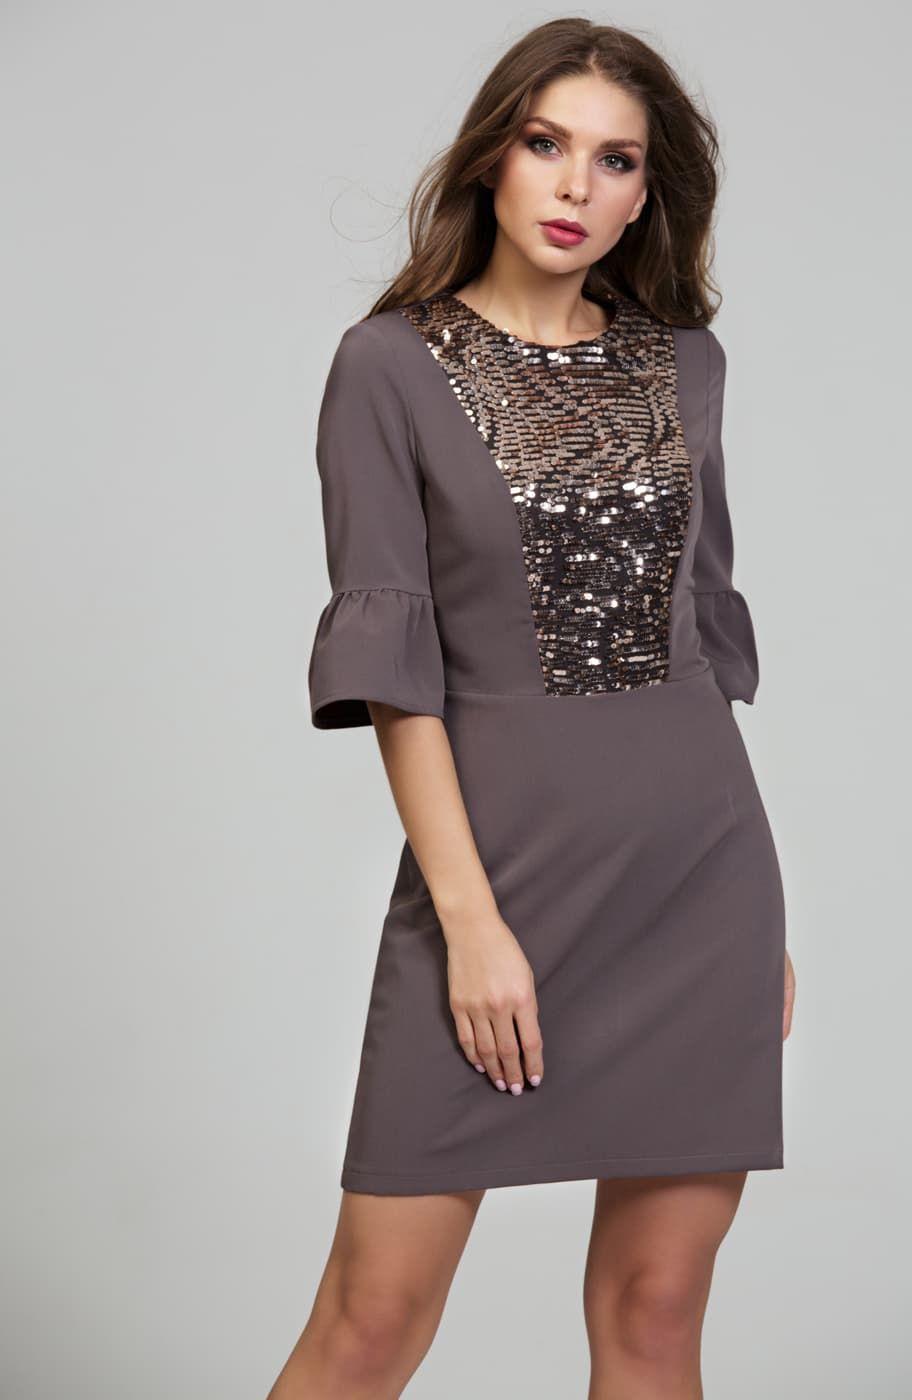 ce79c9652d5 Нарядное платье Donna-Saggia DSP-301-34 от производителя